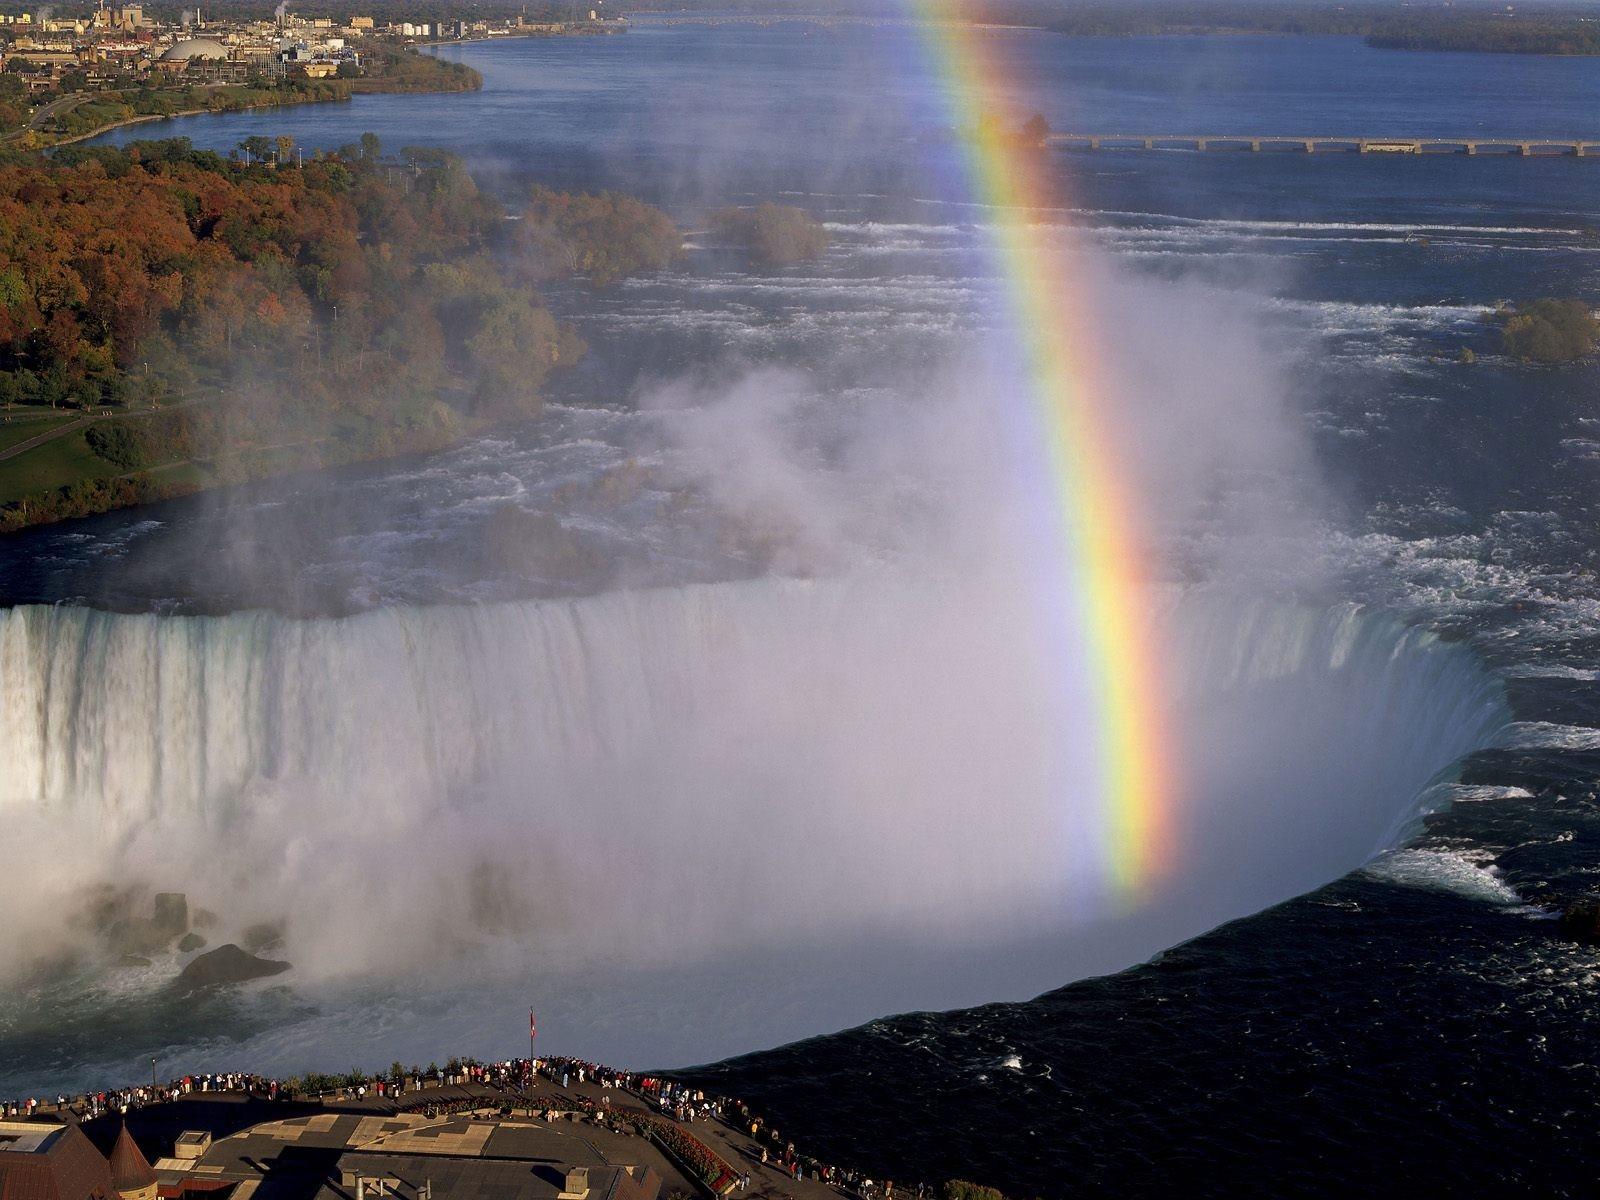 водку ниагарский водопад из под воды фото рисунка